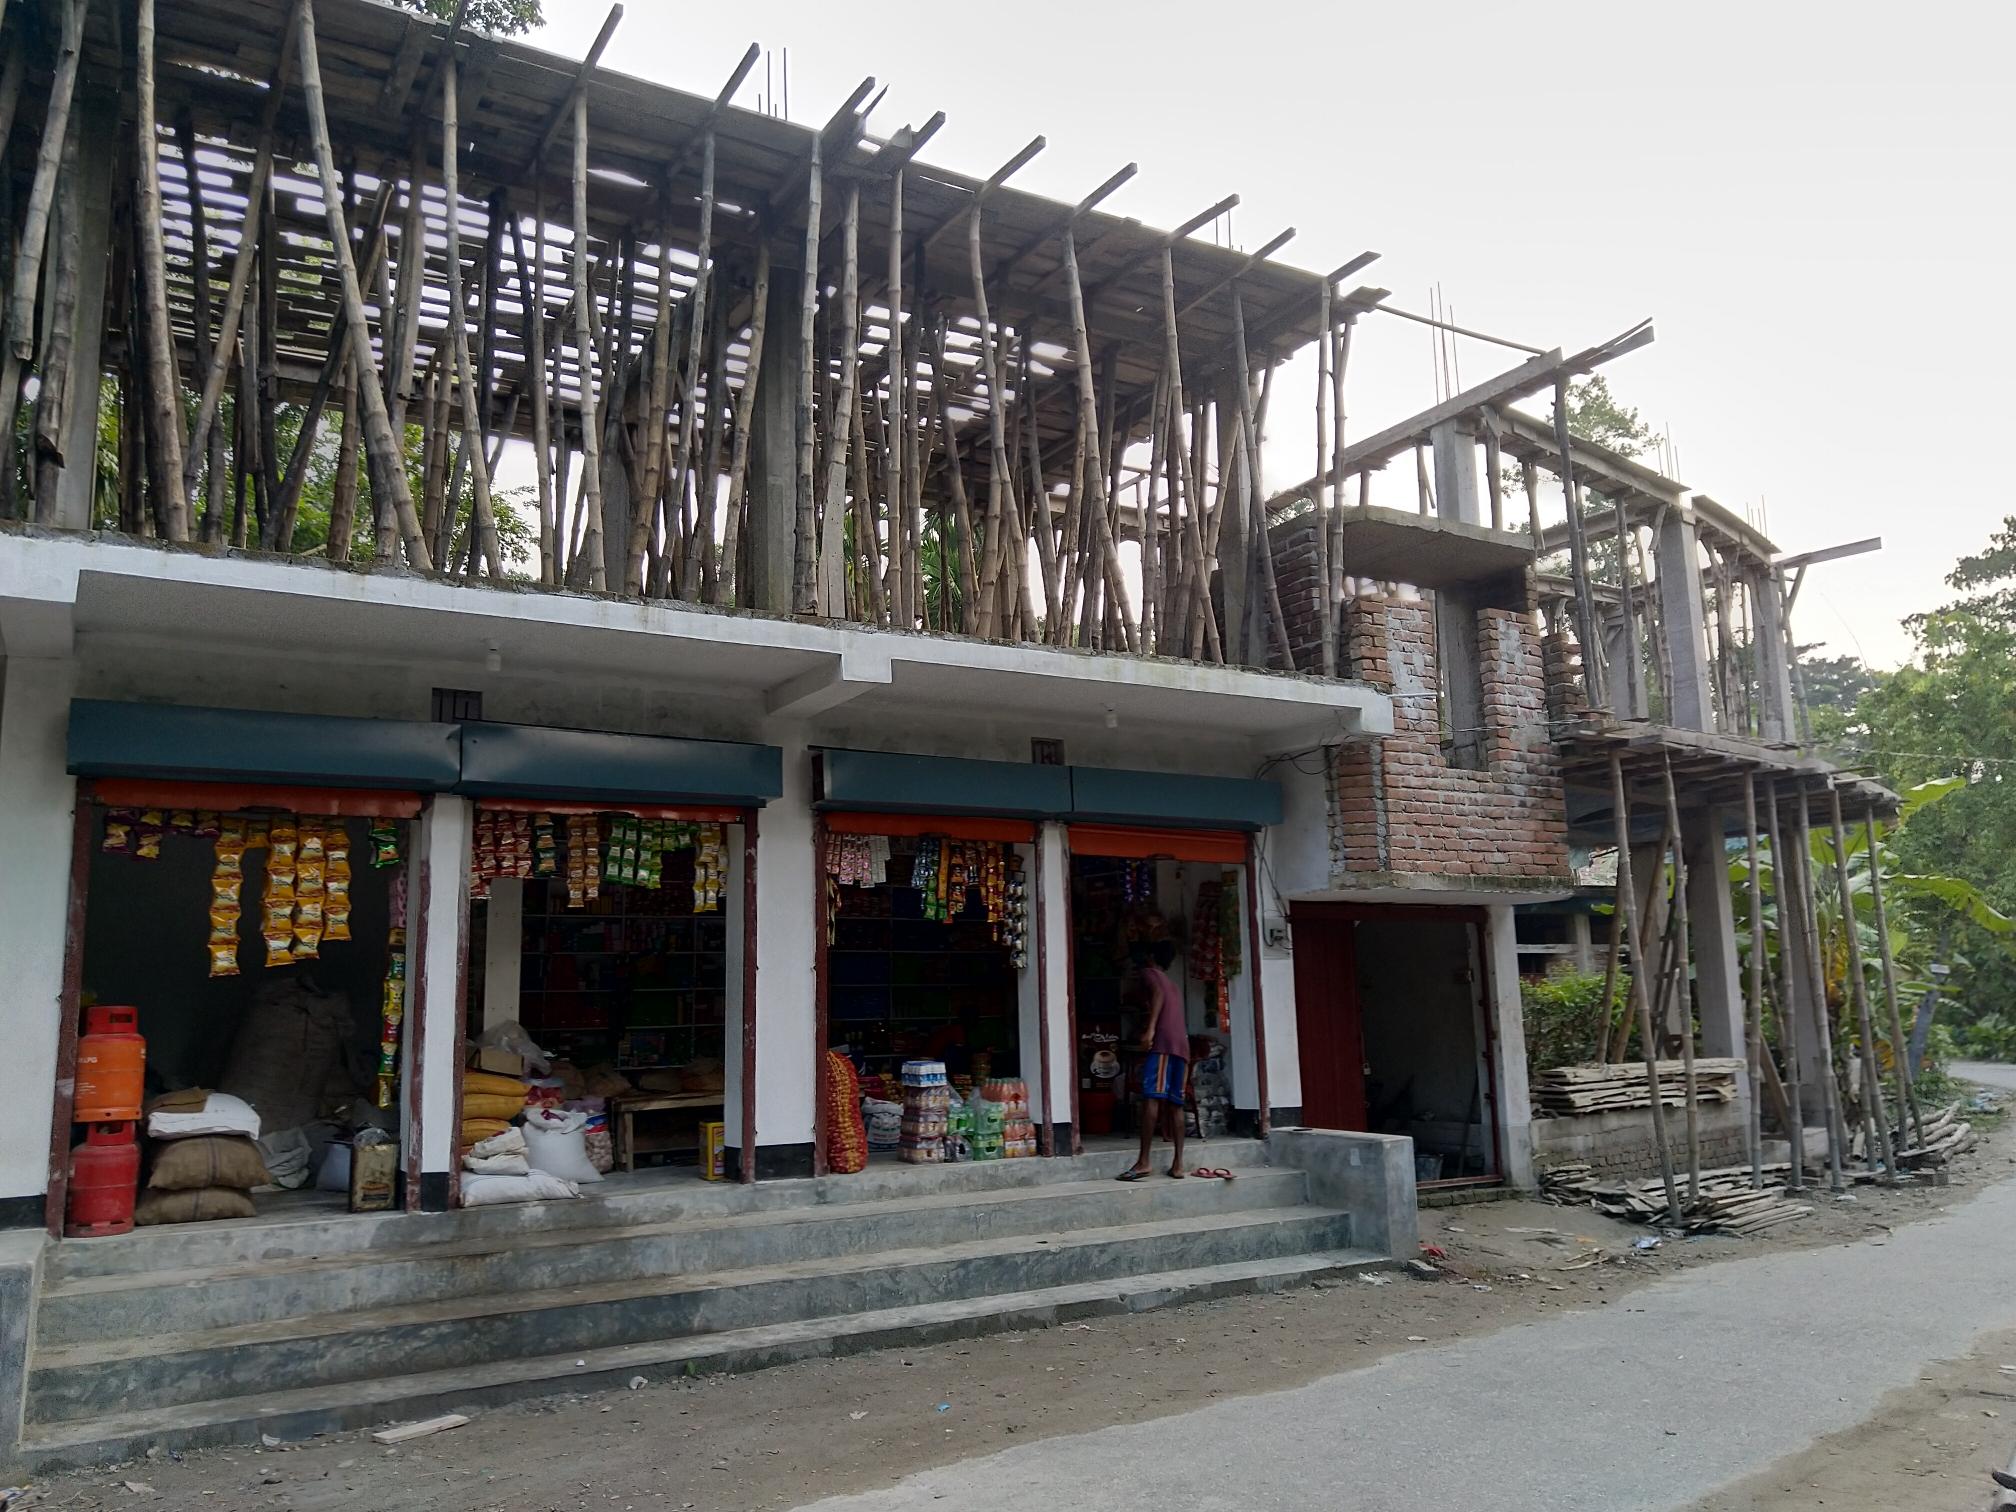 উজিরপুরে পৌরসভার আইনকে বৃদ্ধাঙ্গুল দেখিয়ে ভবন নির্মাণ করছে সরকারি কর্মকর্তা